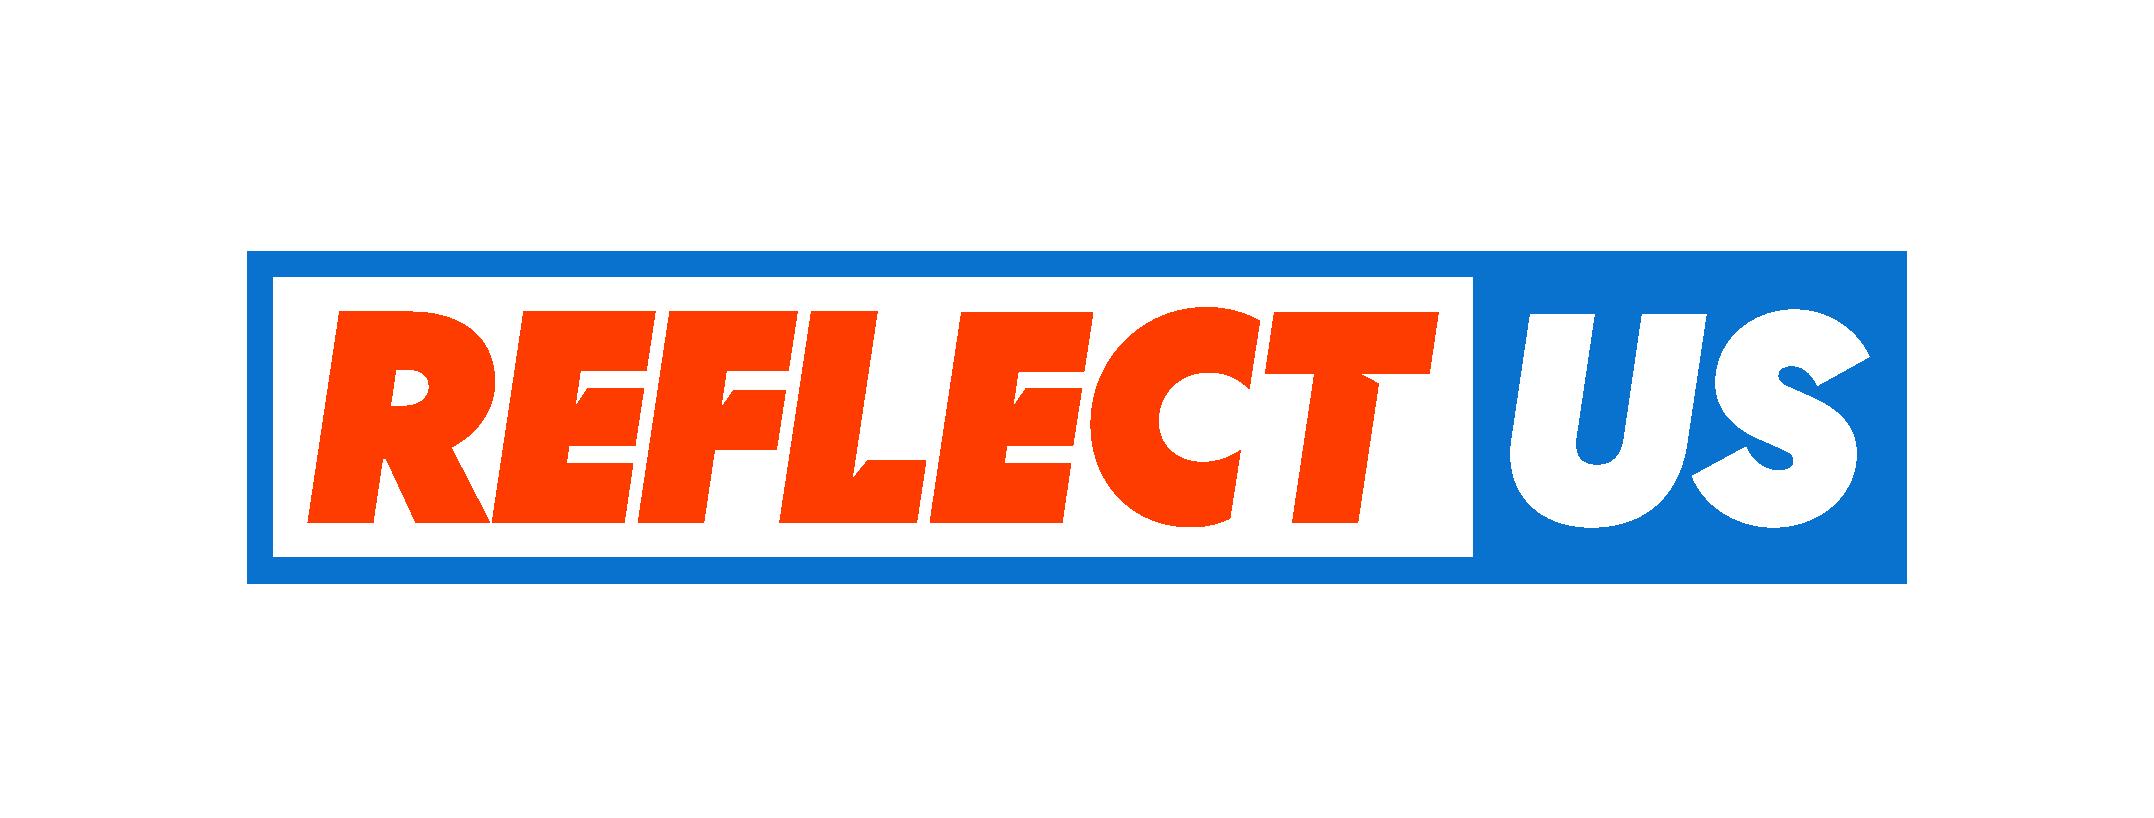 Reflect US logo